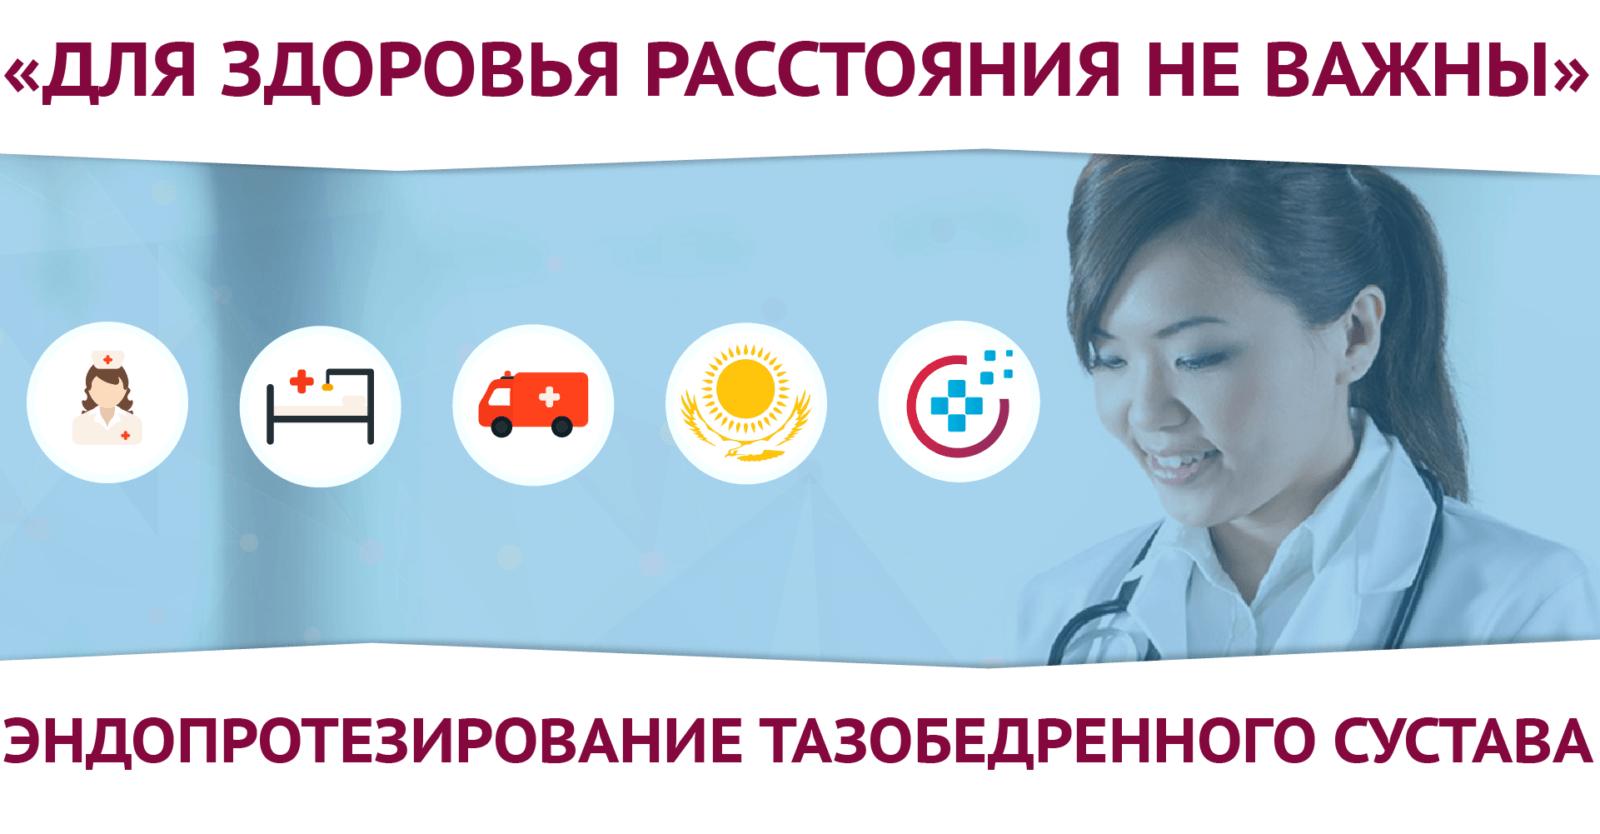 endoprotezirovanie tazobedrennogo sustava Kazahstan